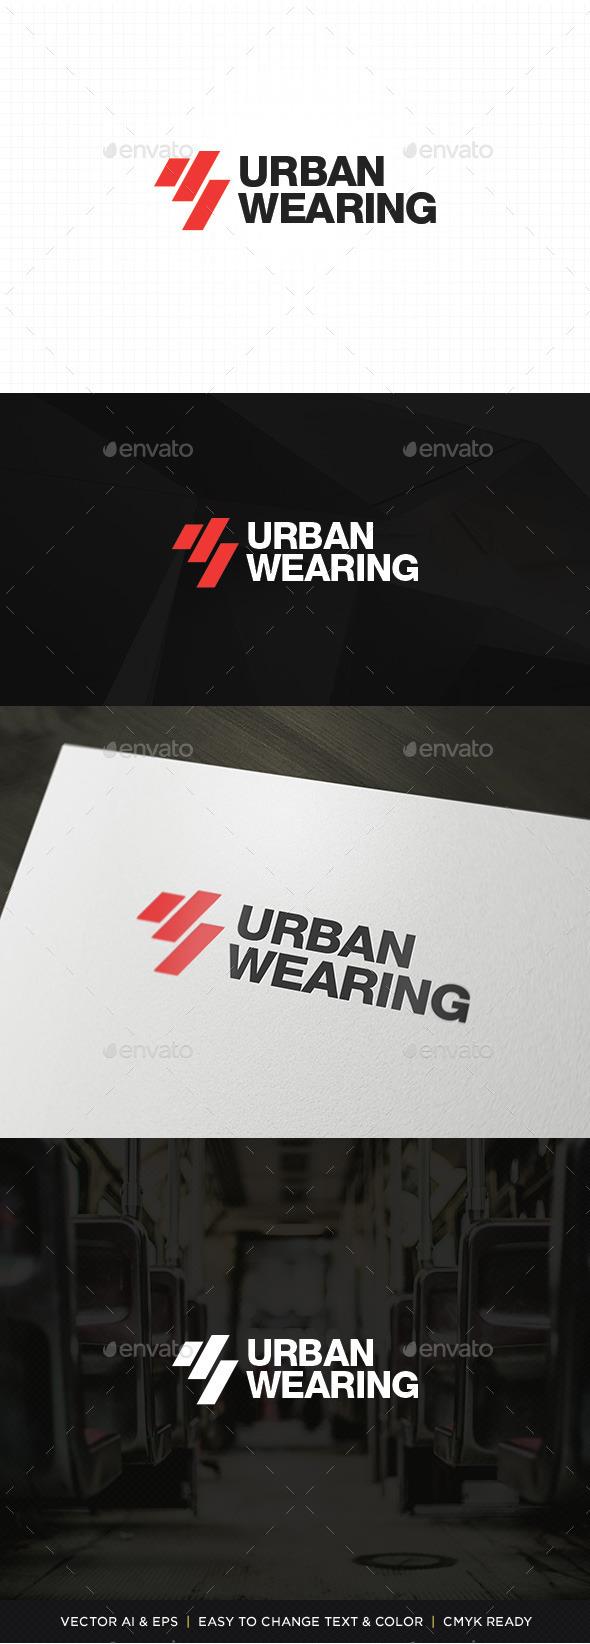 Urban Wearing Logo